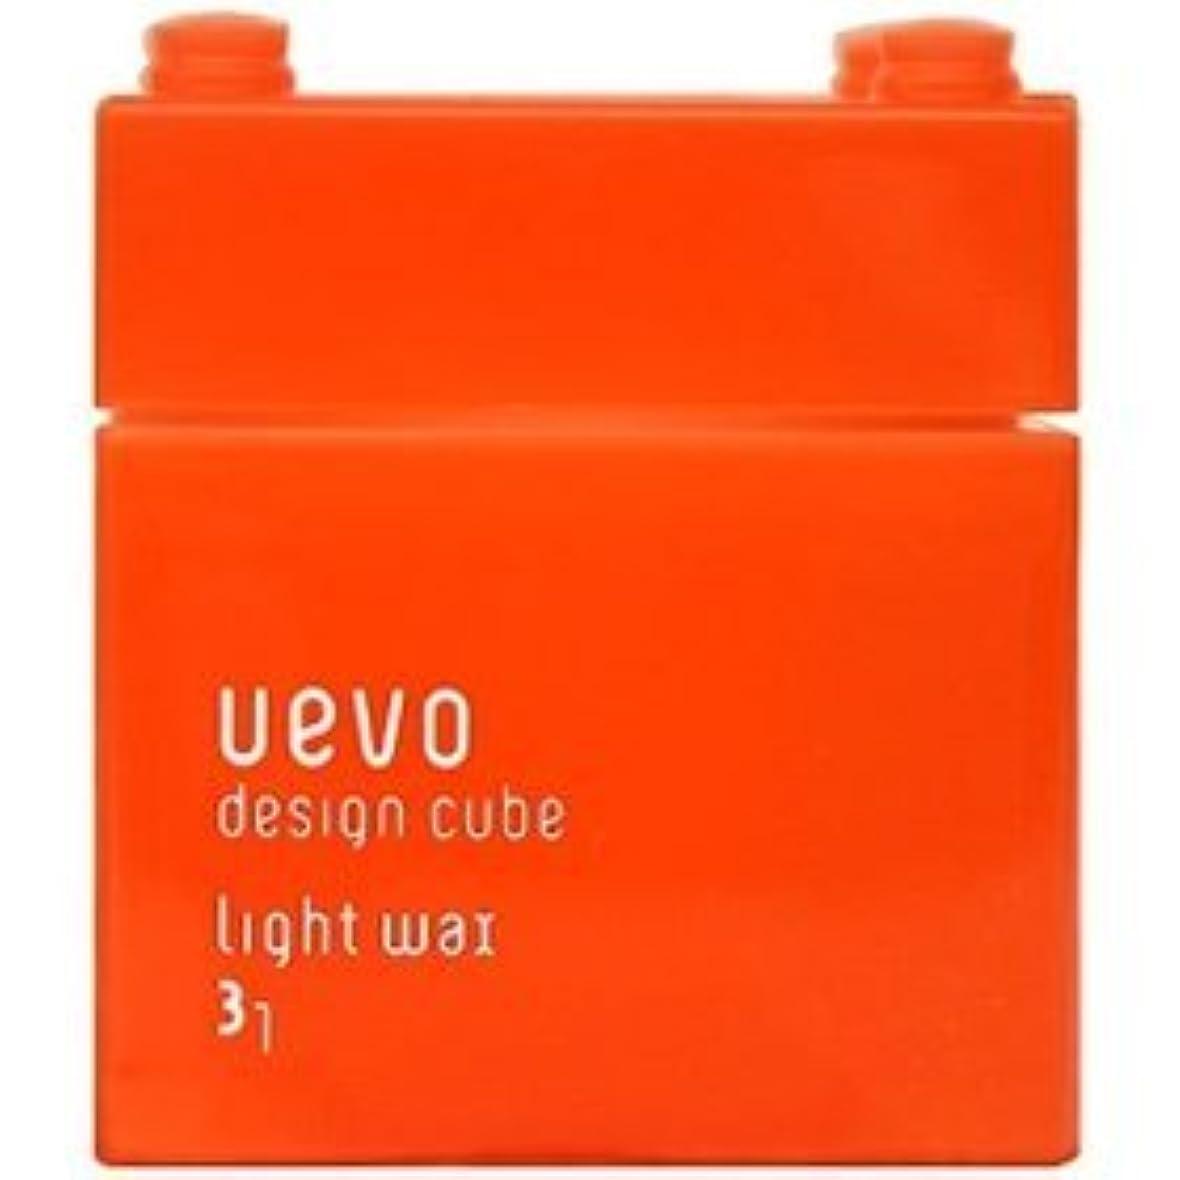 不良品制裁付録【X5個セット】 デミ ウェーボ デザインキューブ ライトワックス 80g